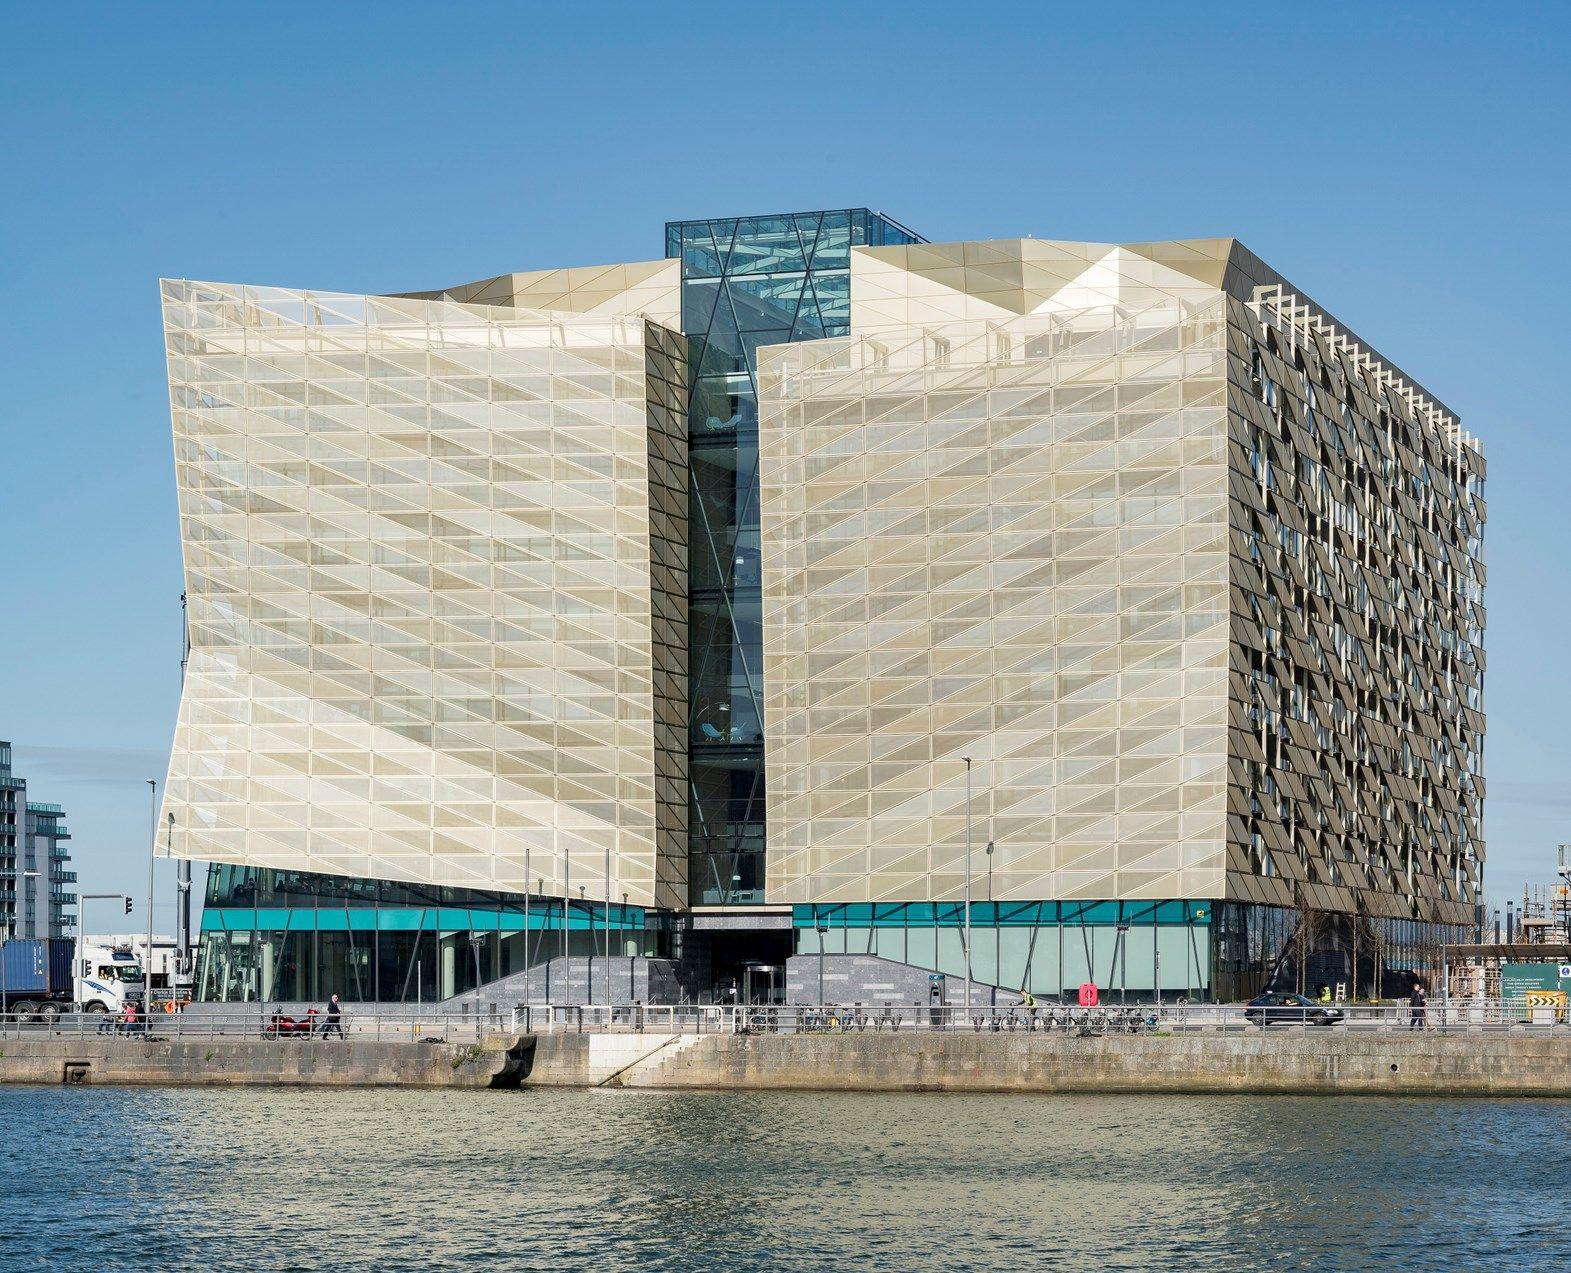 L'headquarter della Central Bank of Ireland sceglie Italgraniti Group